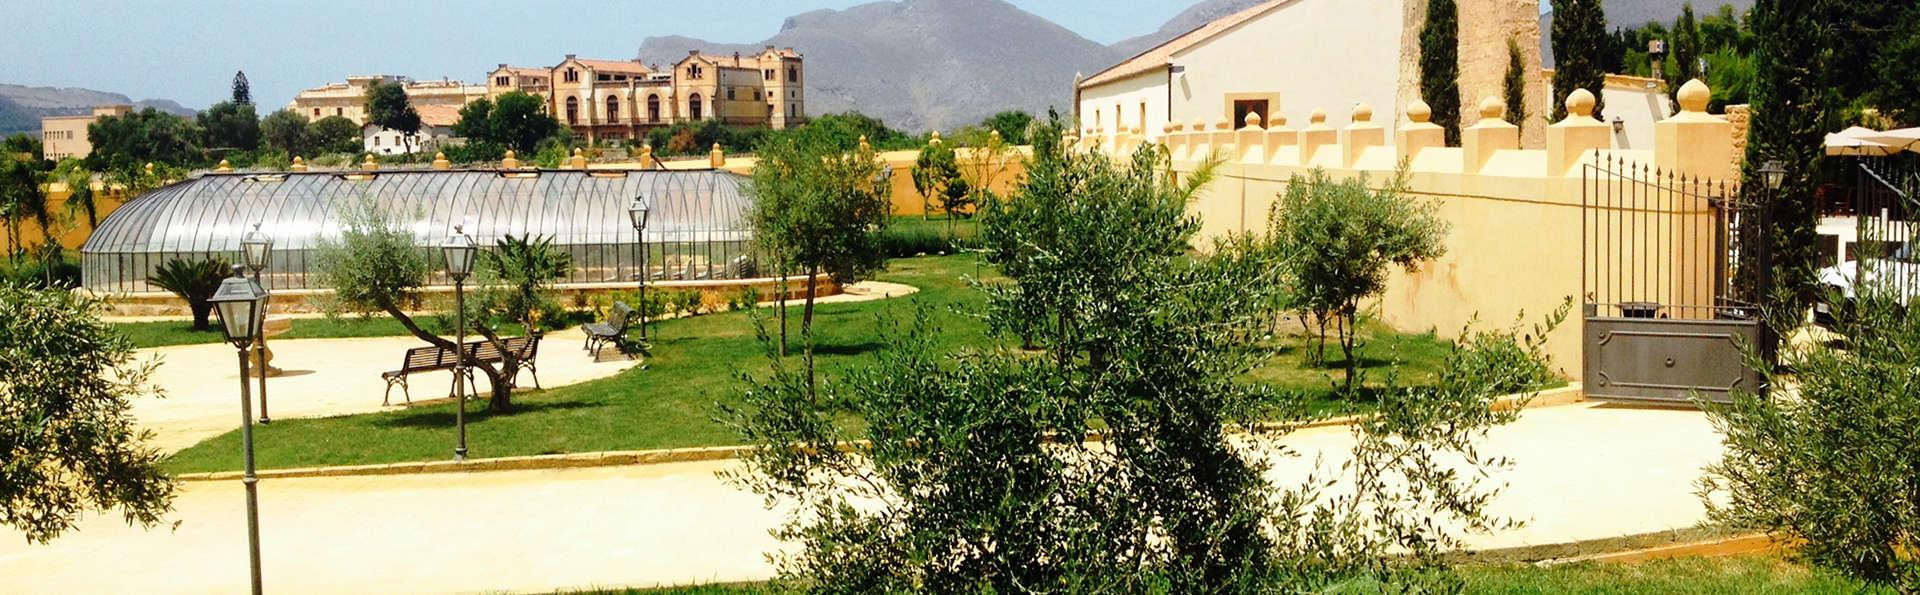 Villa Lampedusa - Edit_Garden2.jpg